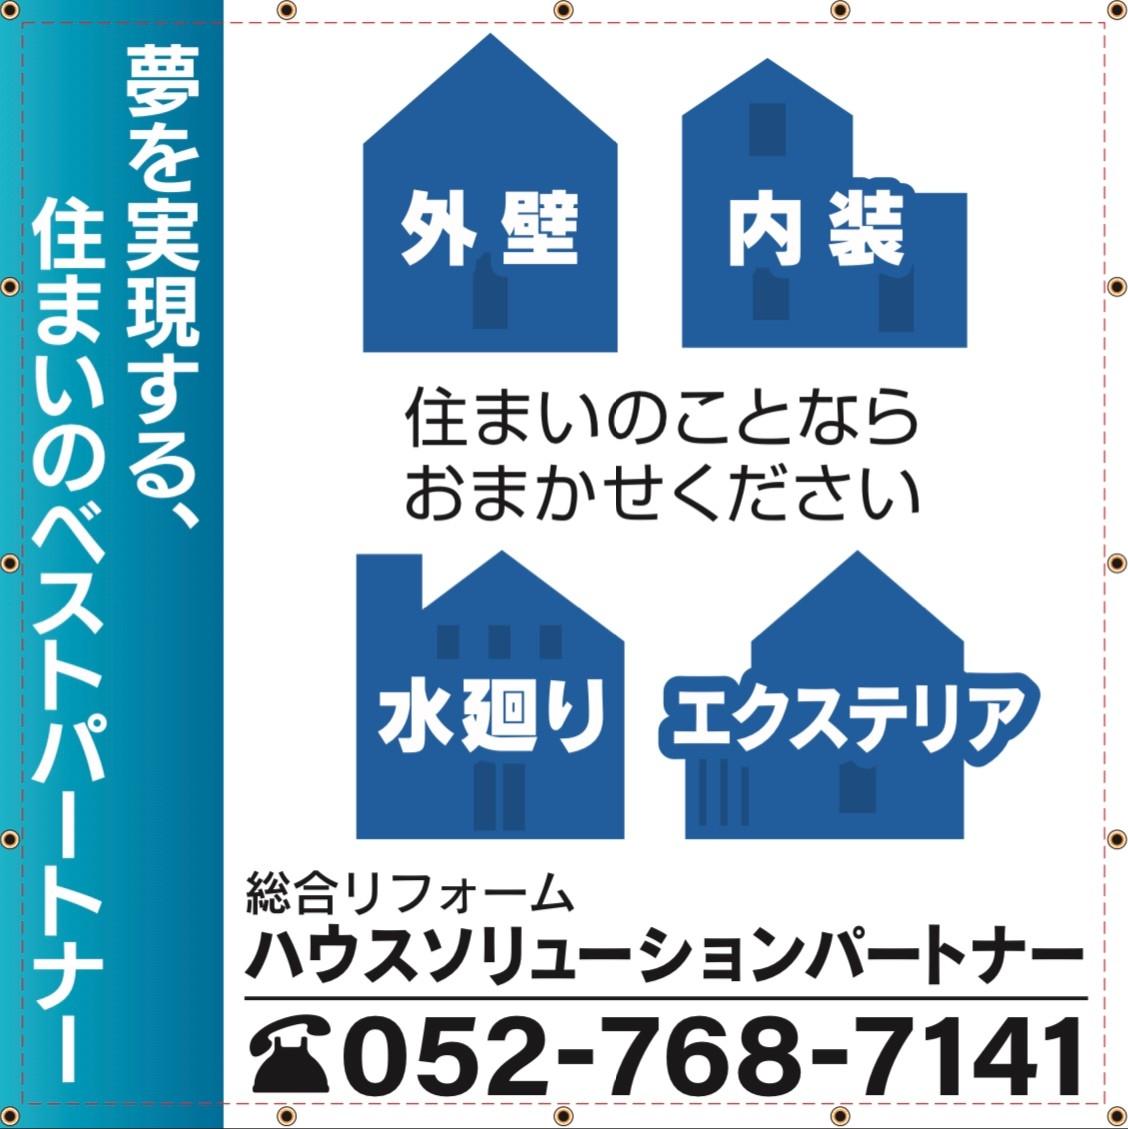 jirei_image62325